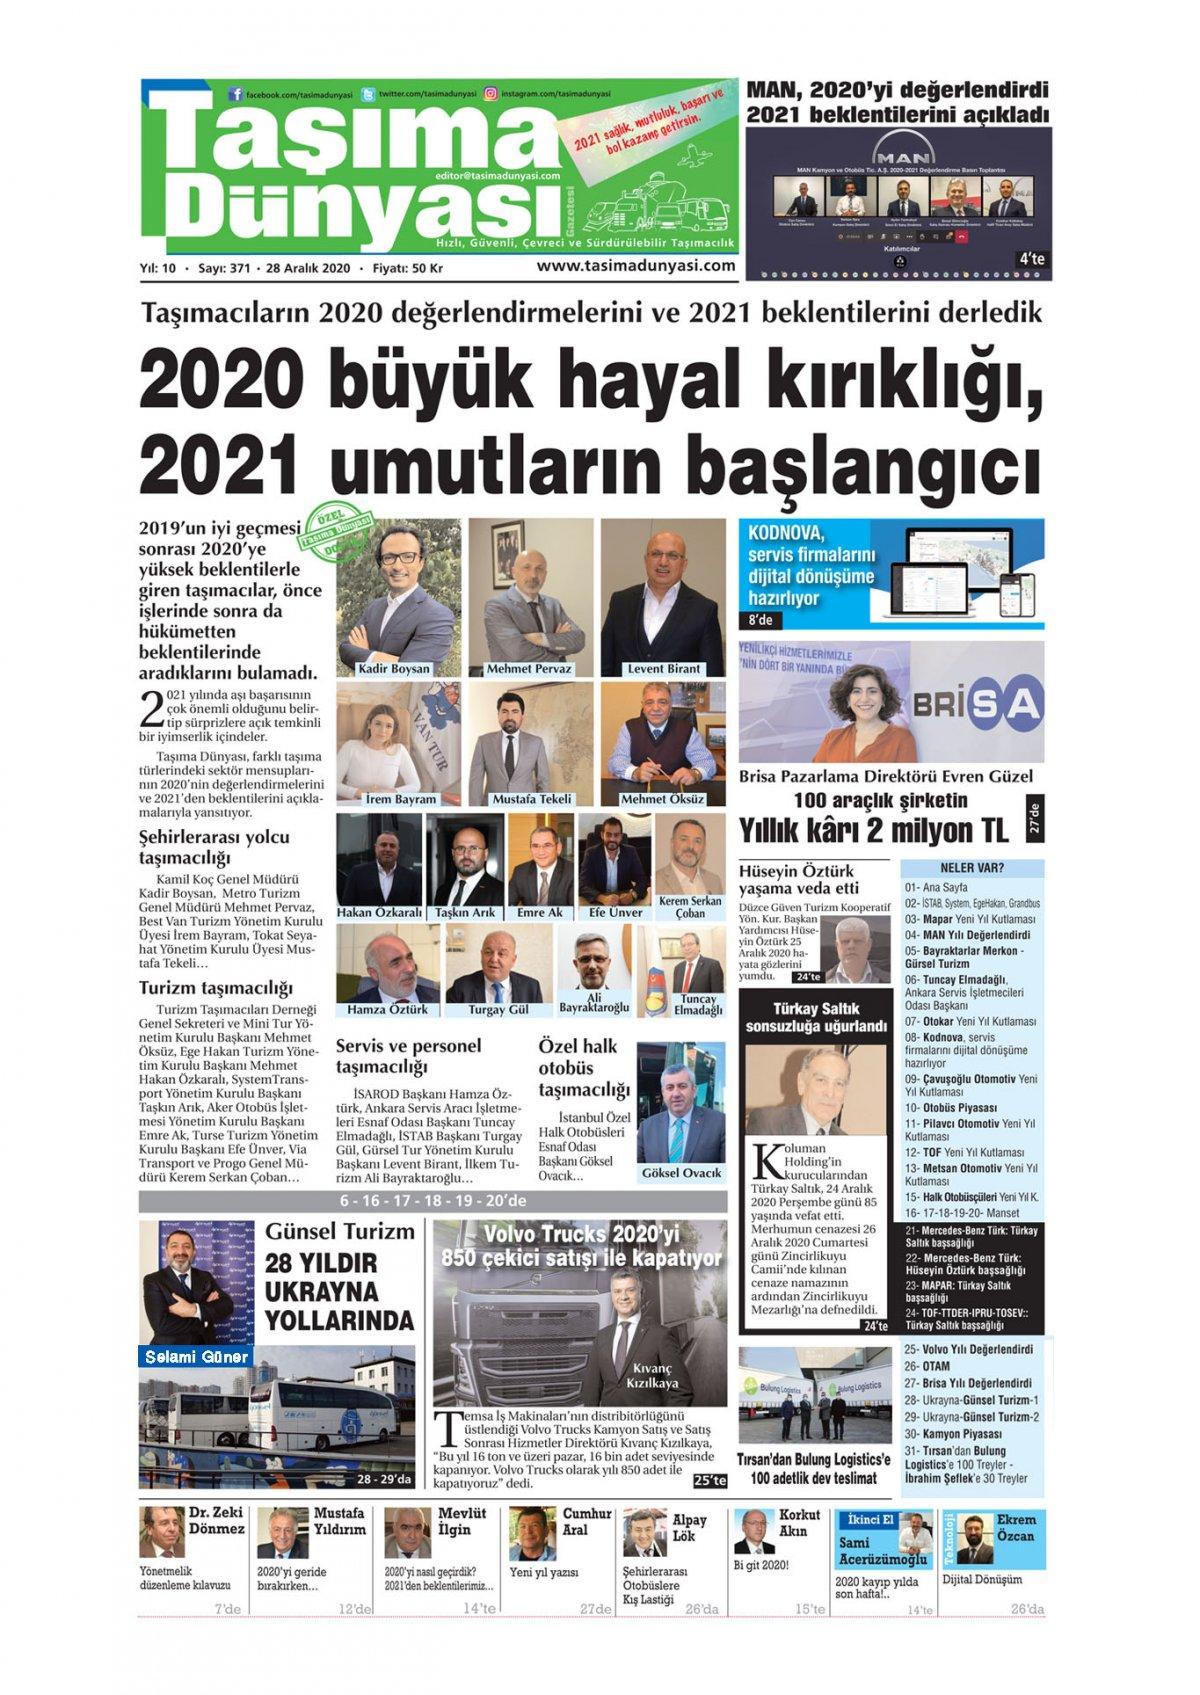 Taşıma Dünyası Gazetesi - 29.12.2020 Manşeti